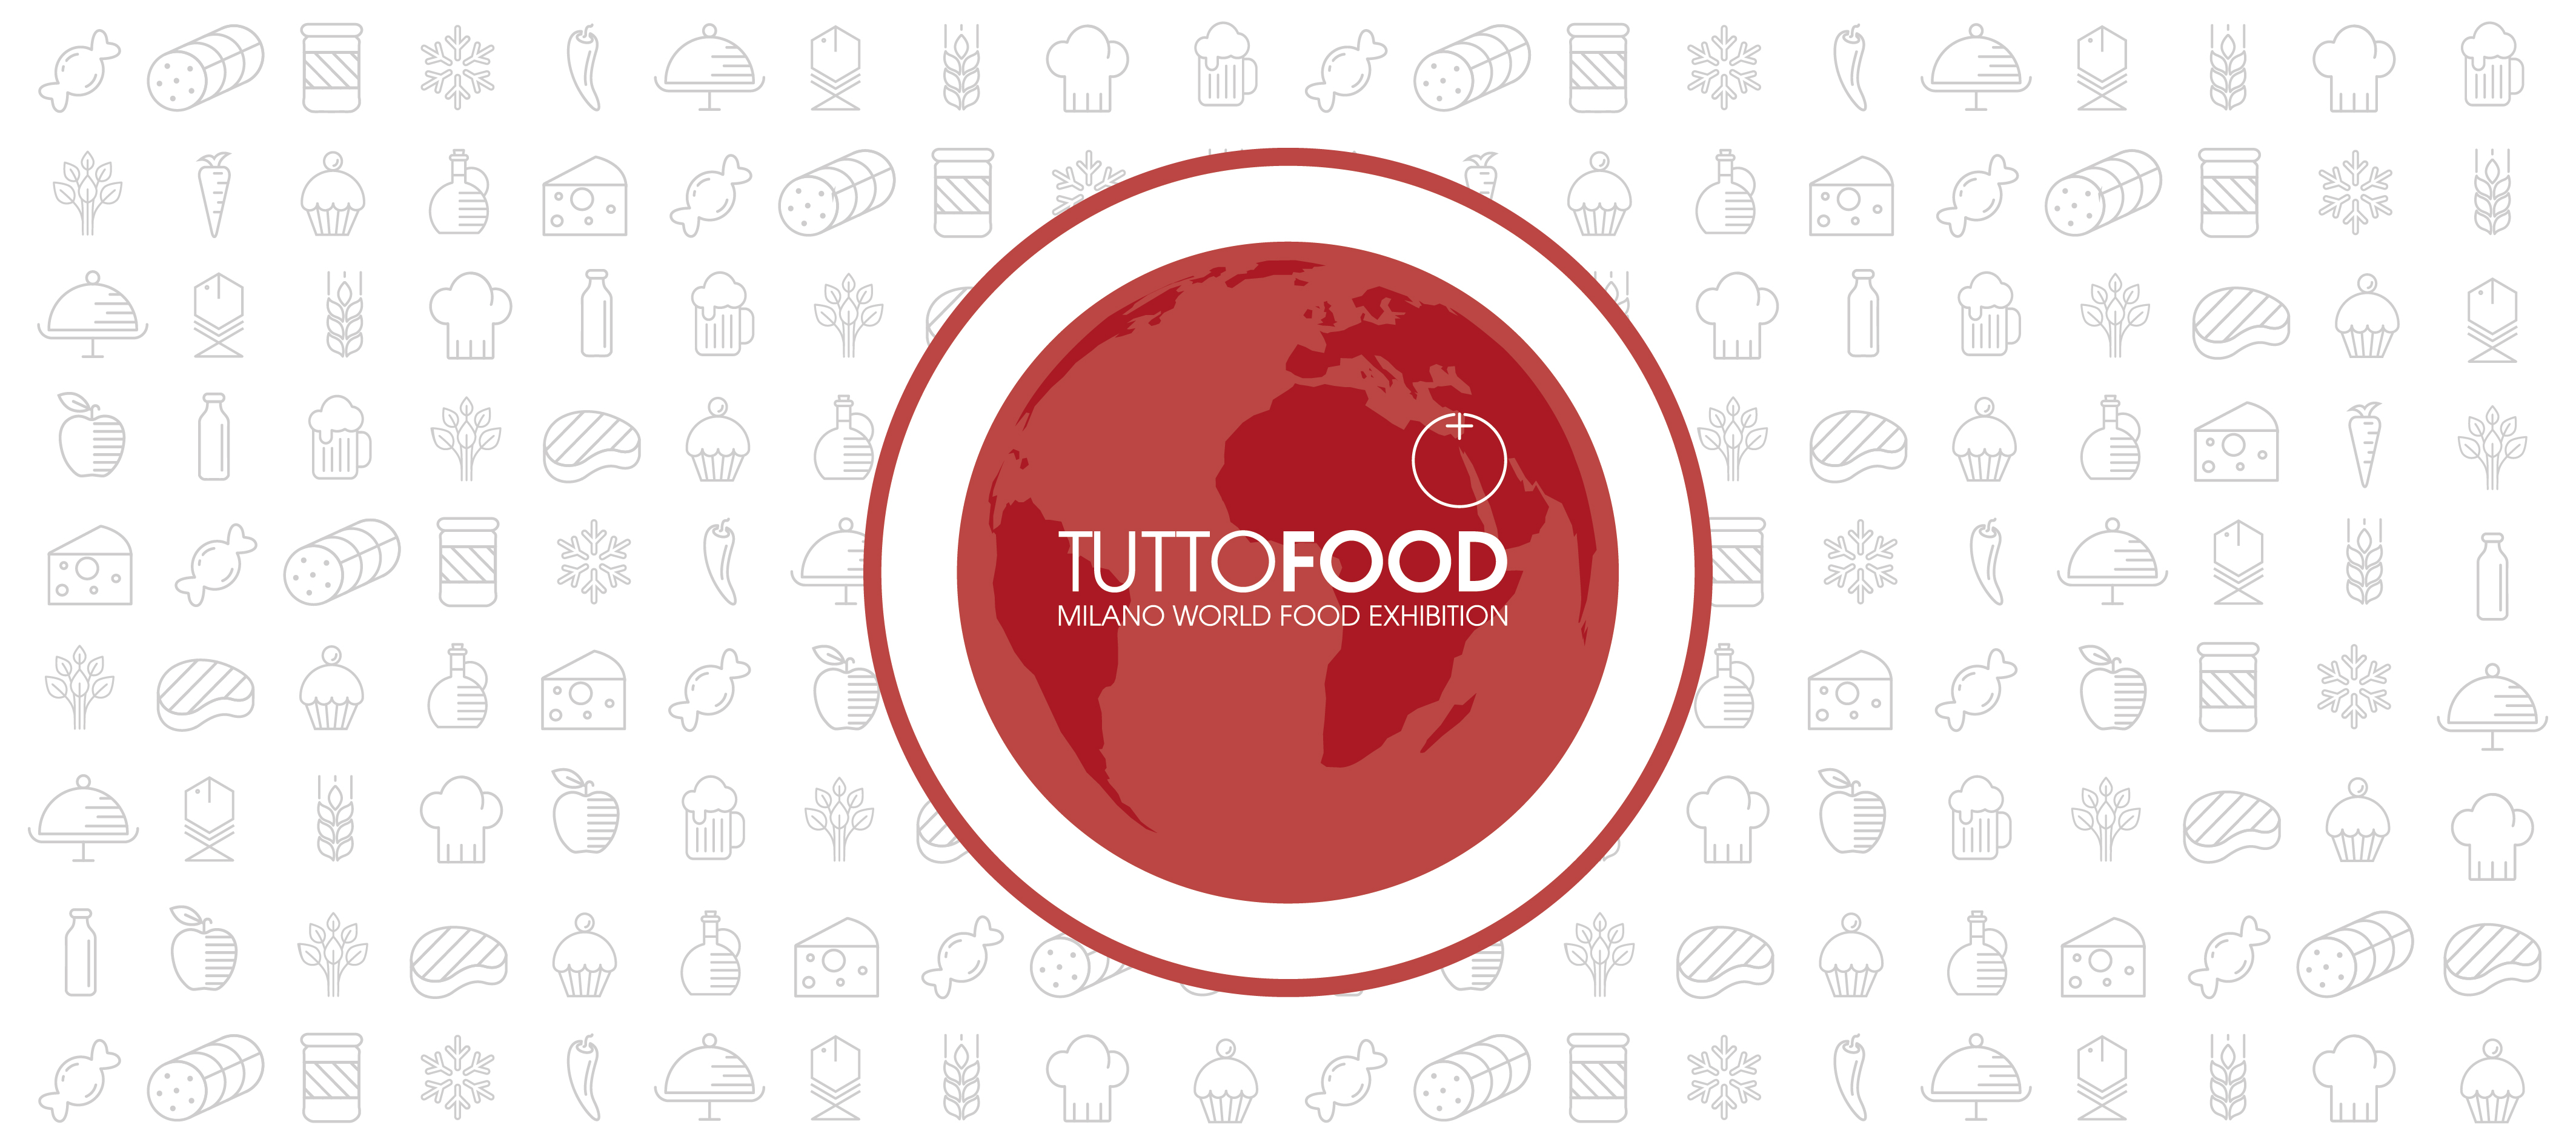 TUTTOFOOD 2019 - SWORD SURGELATI